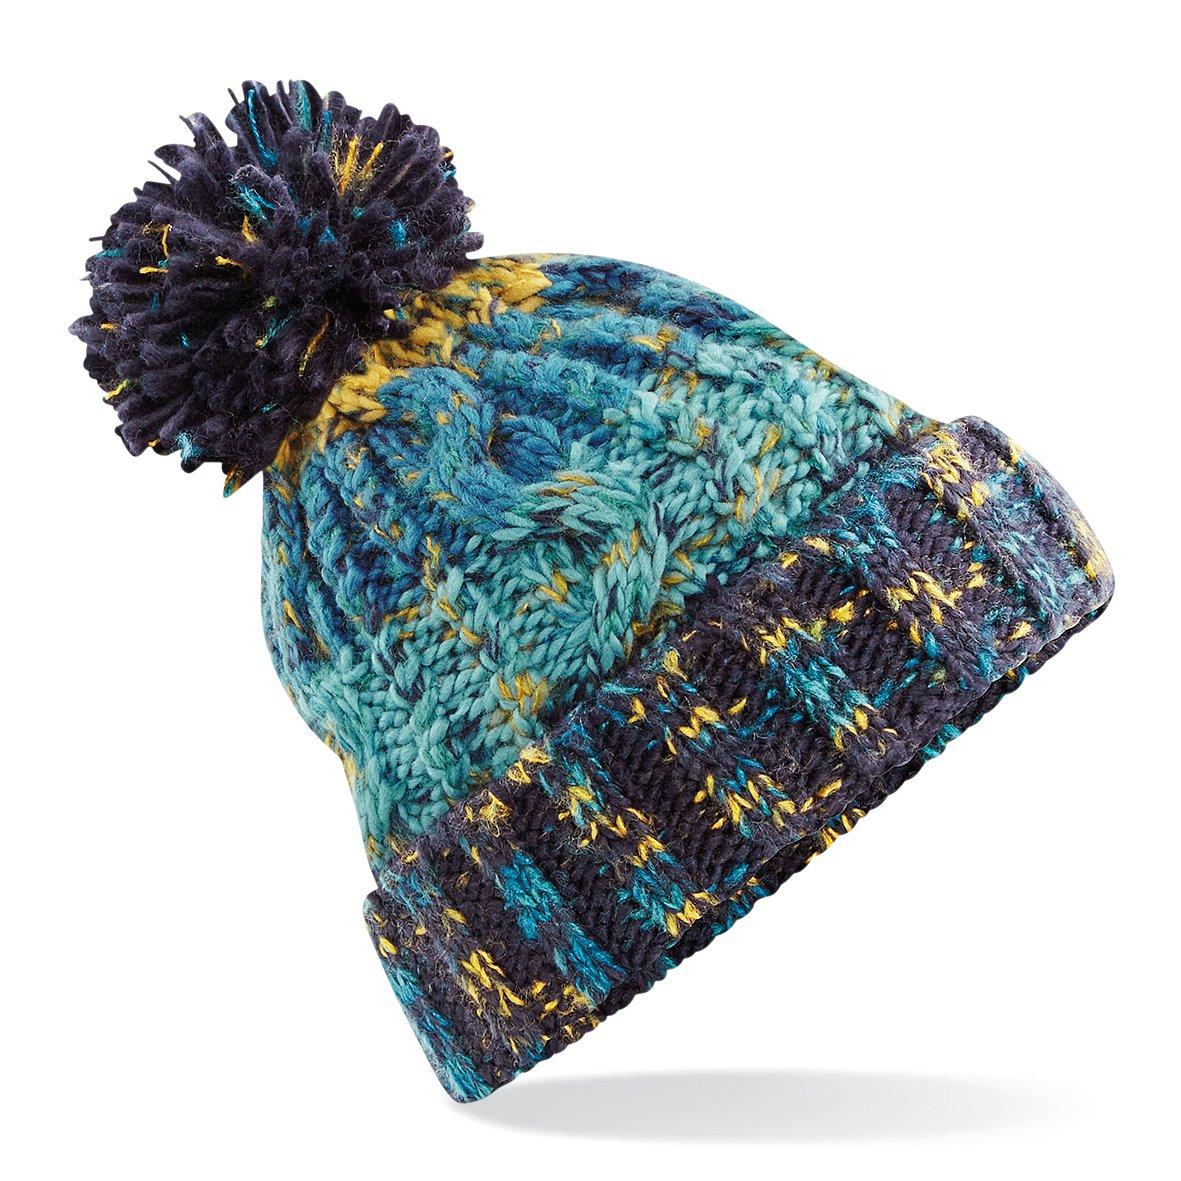 Beechfield Unisex Adults Corkscrew Knitted Pom Pom Beanie Hat UTRW5192_6